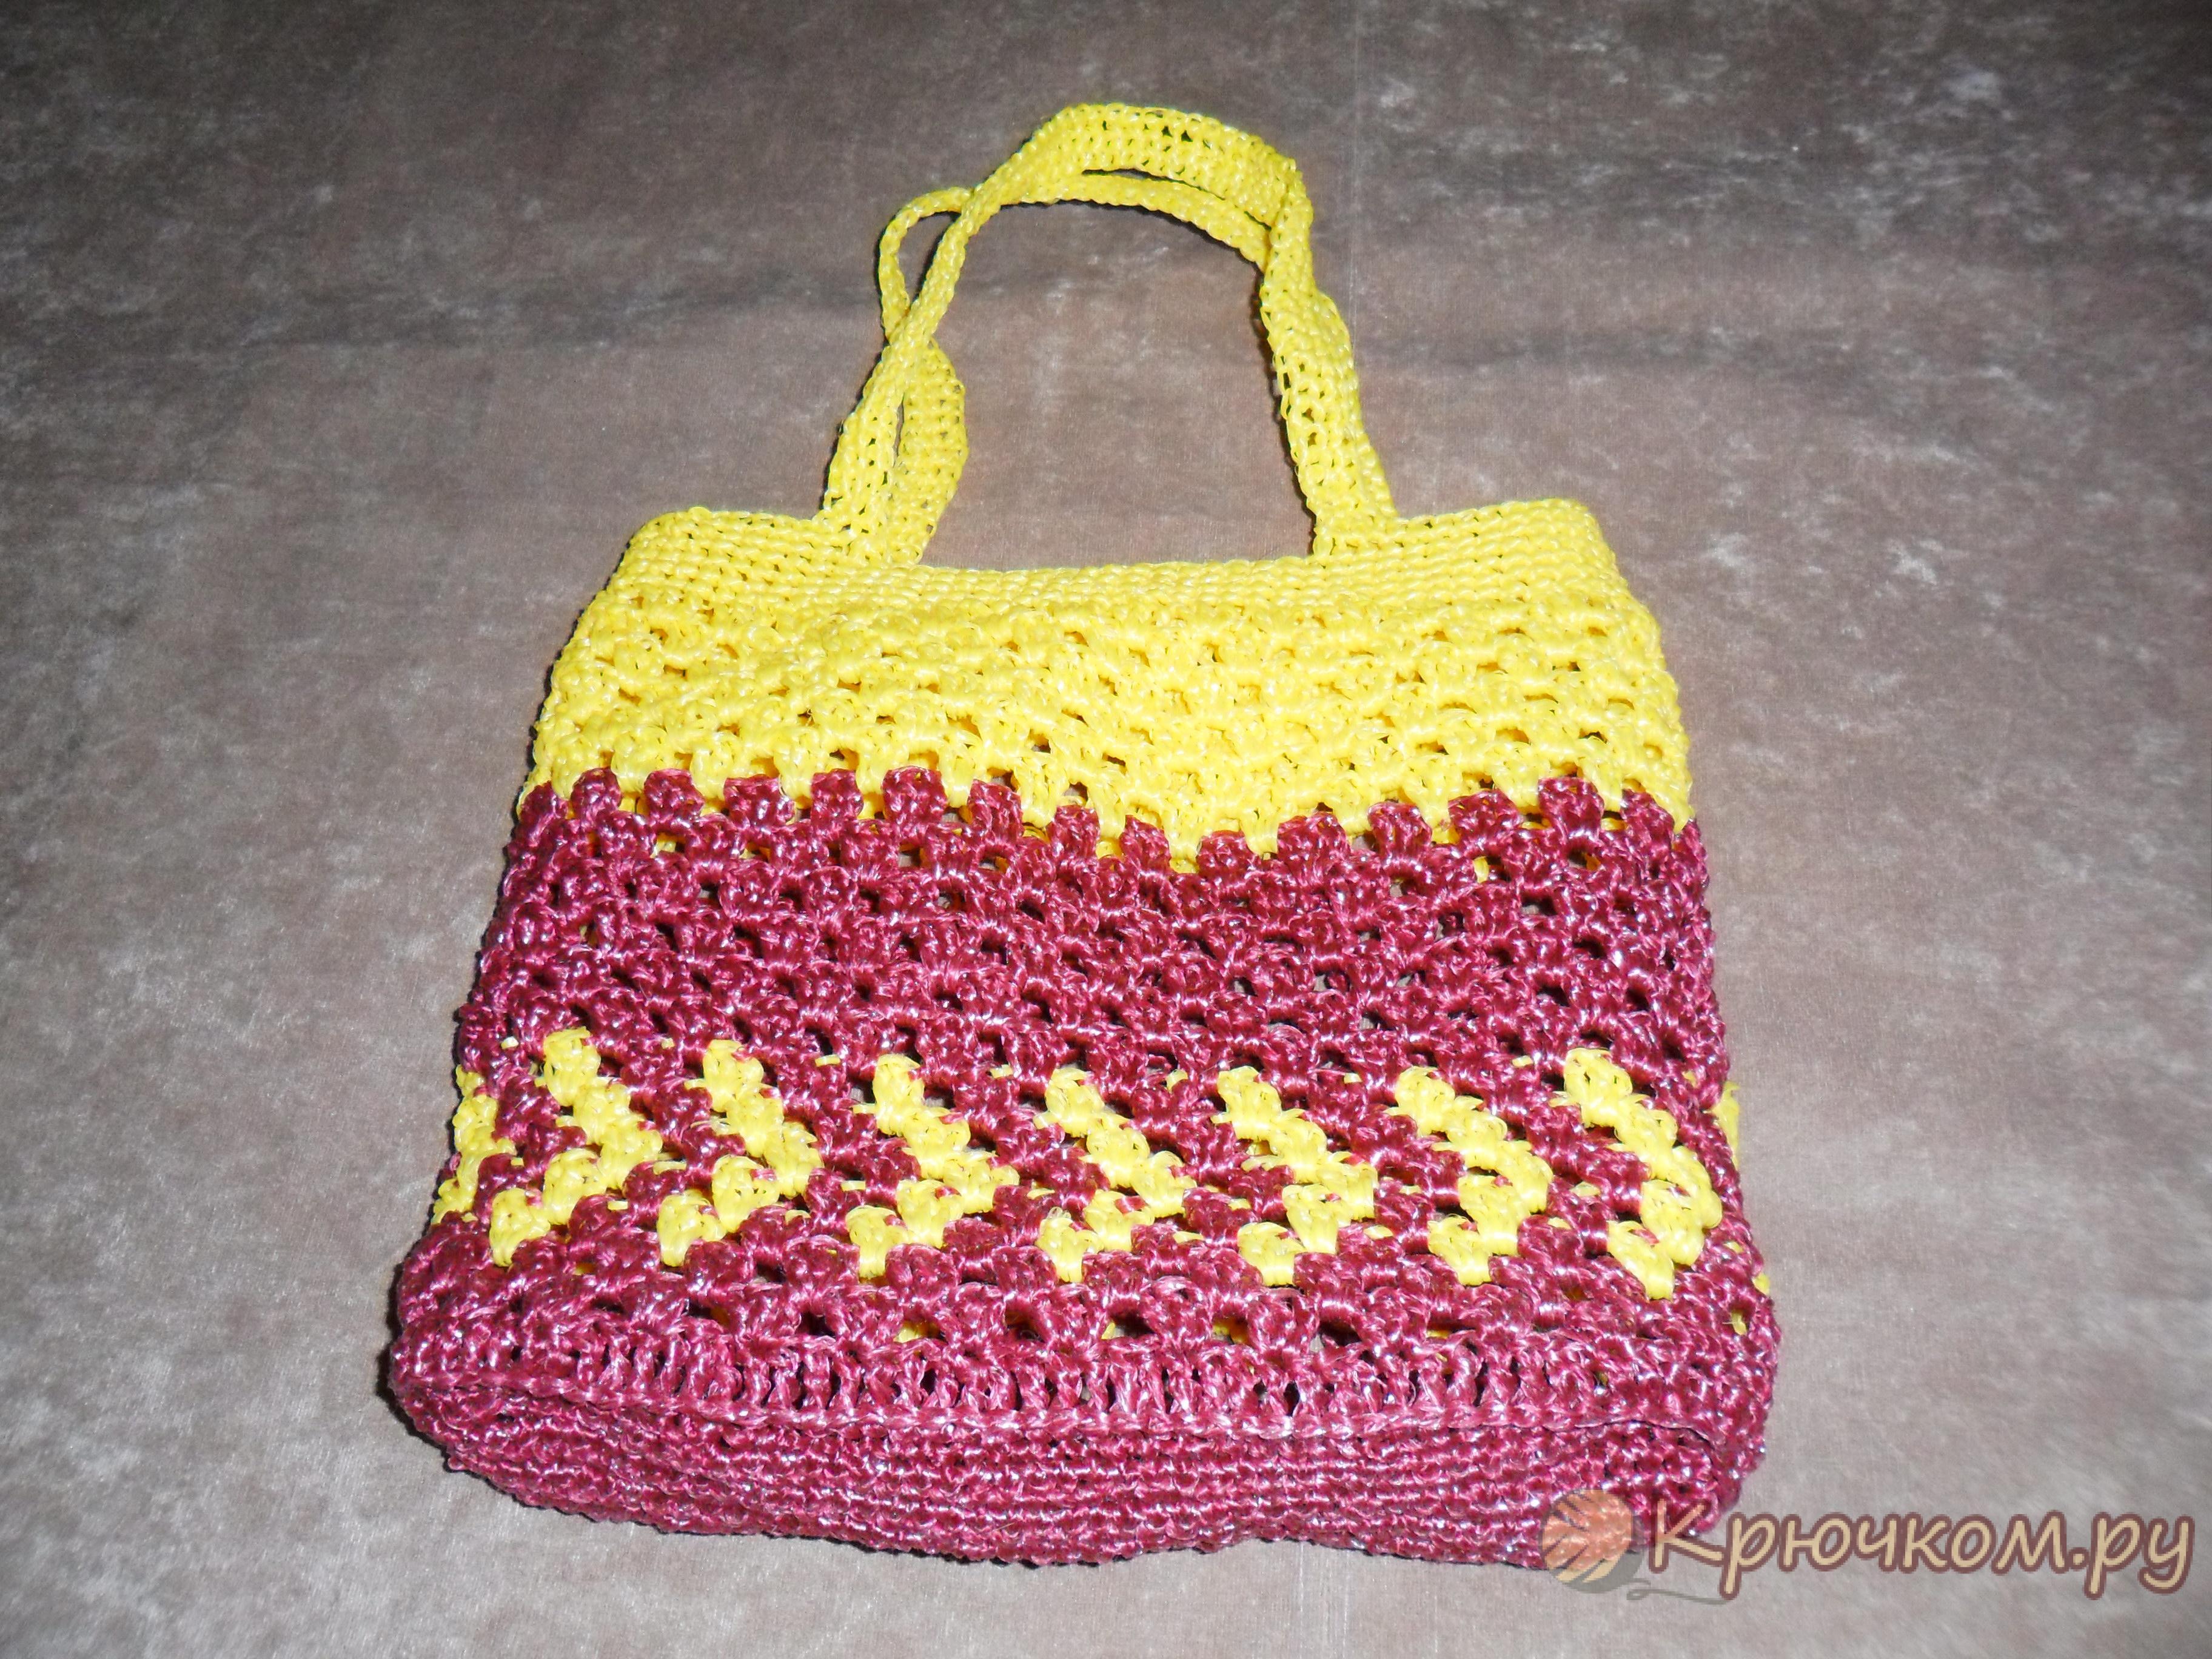 Вязание крючком пляжные сумки 65